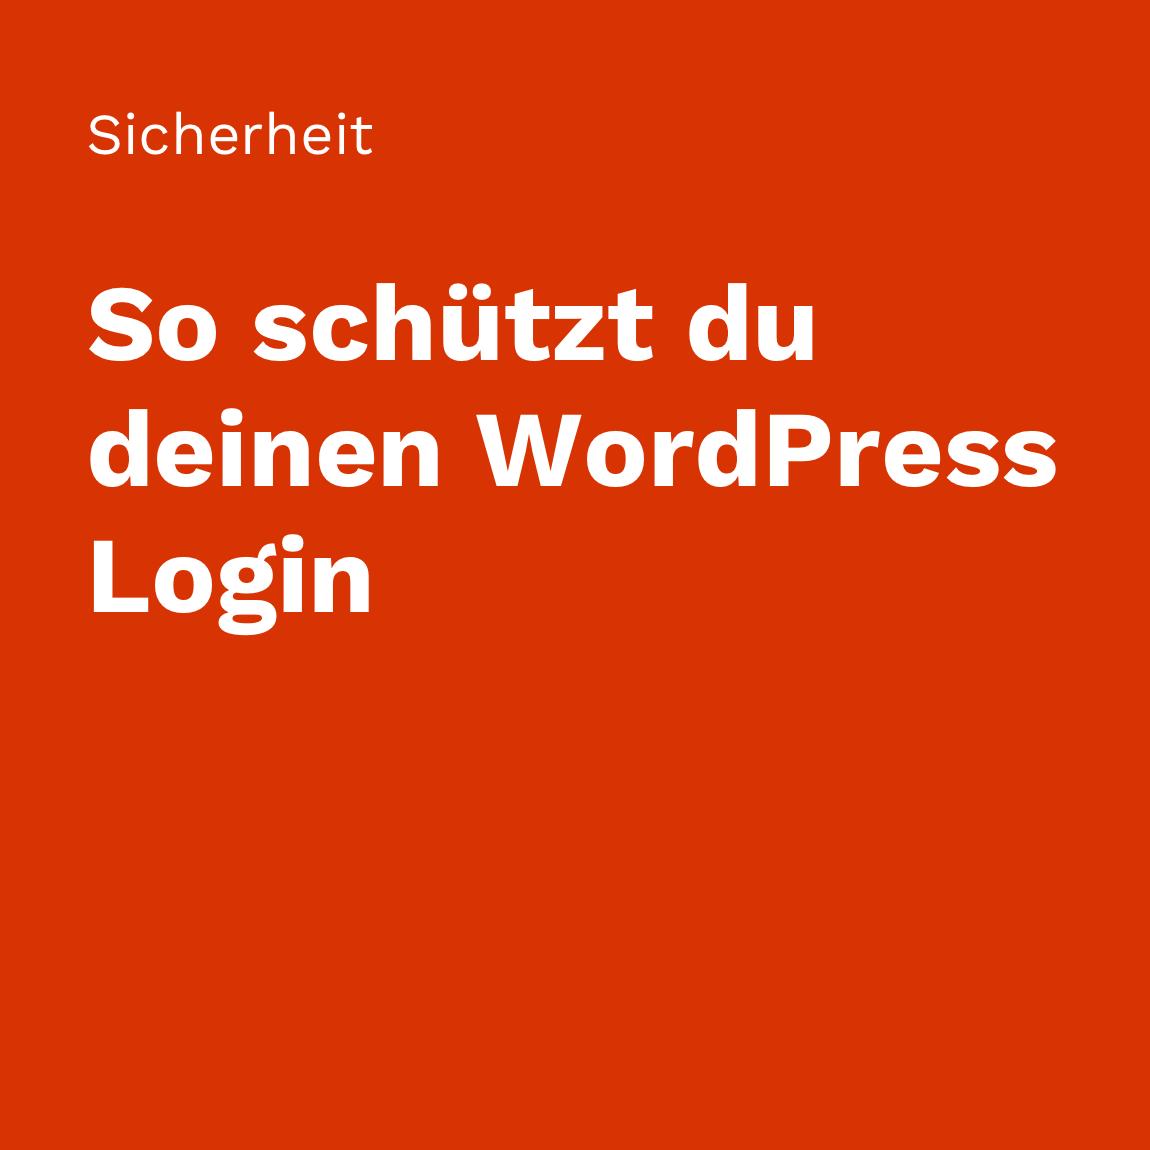 So schützt du deinen WordPress Login